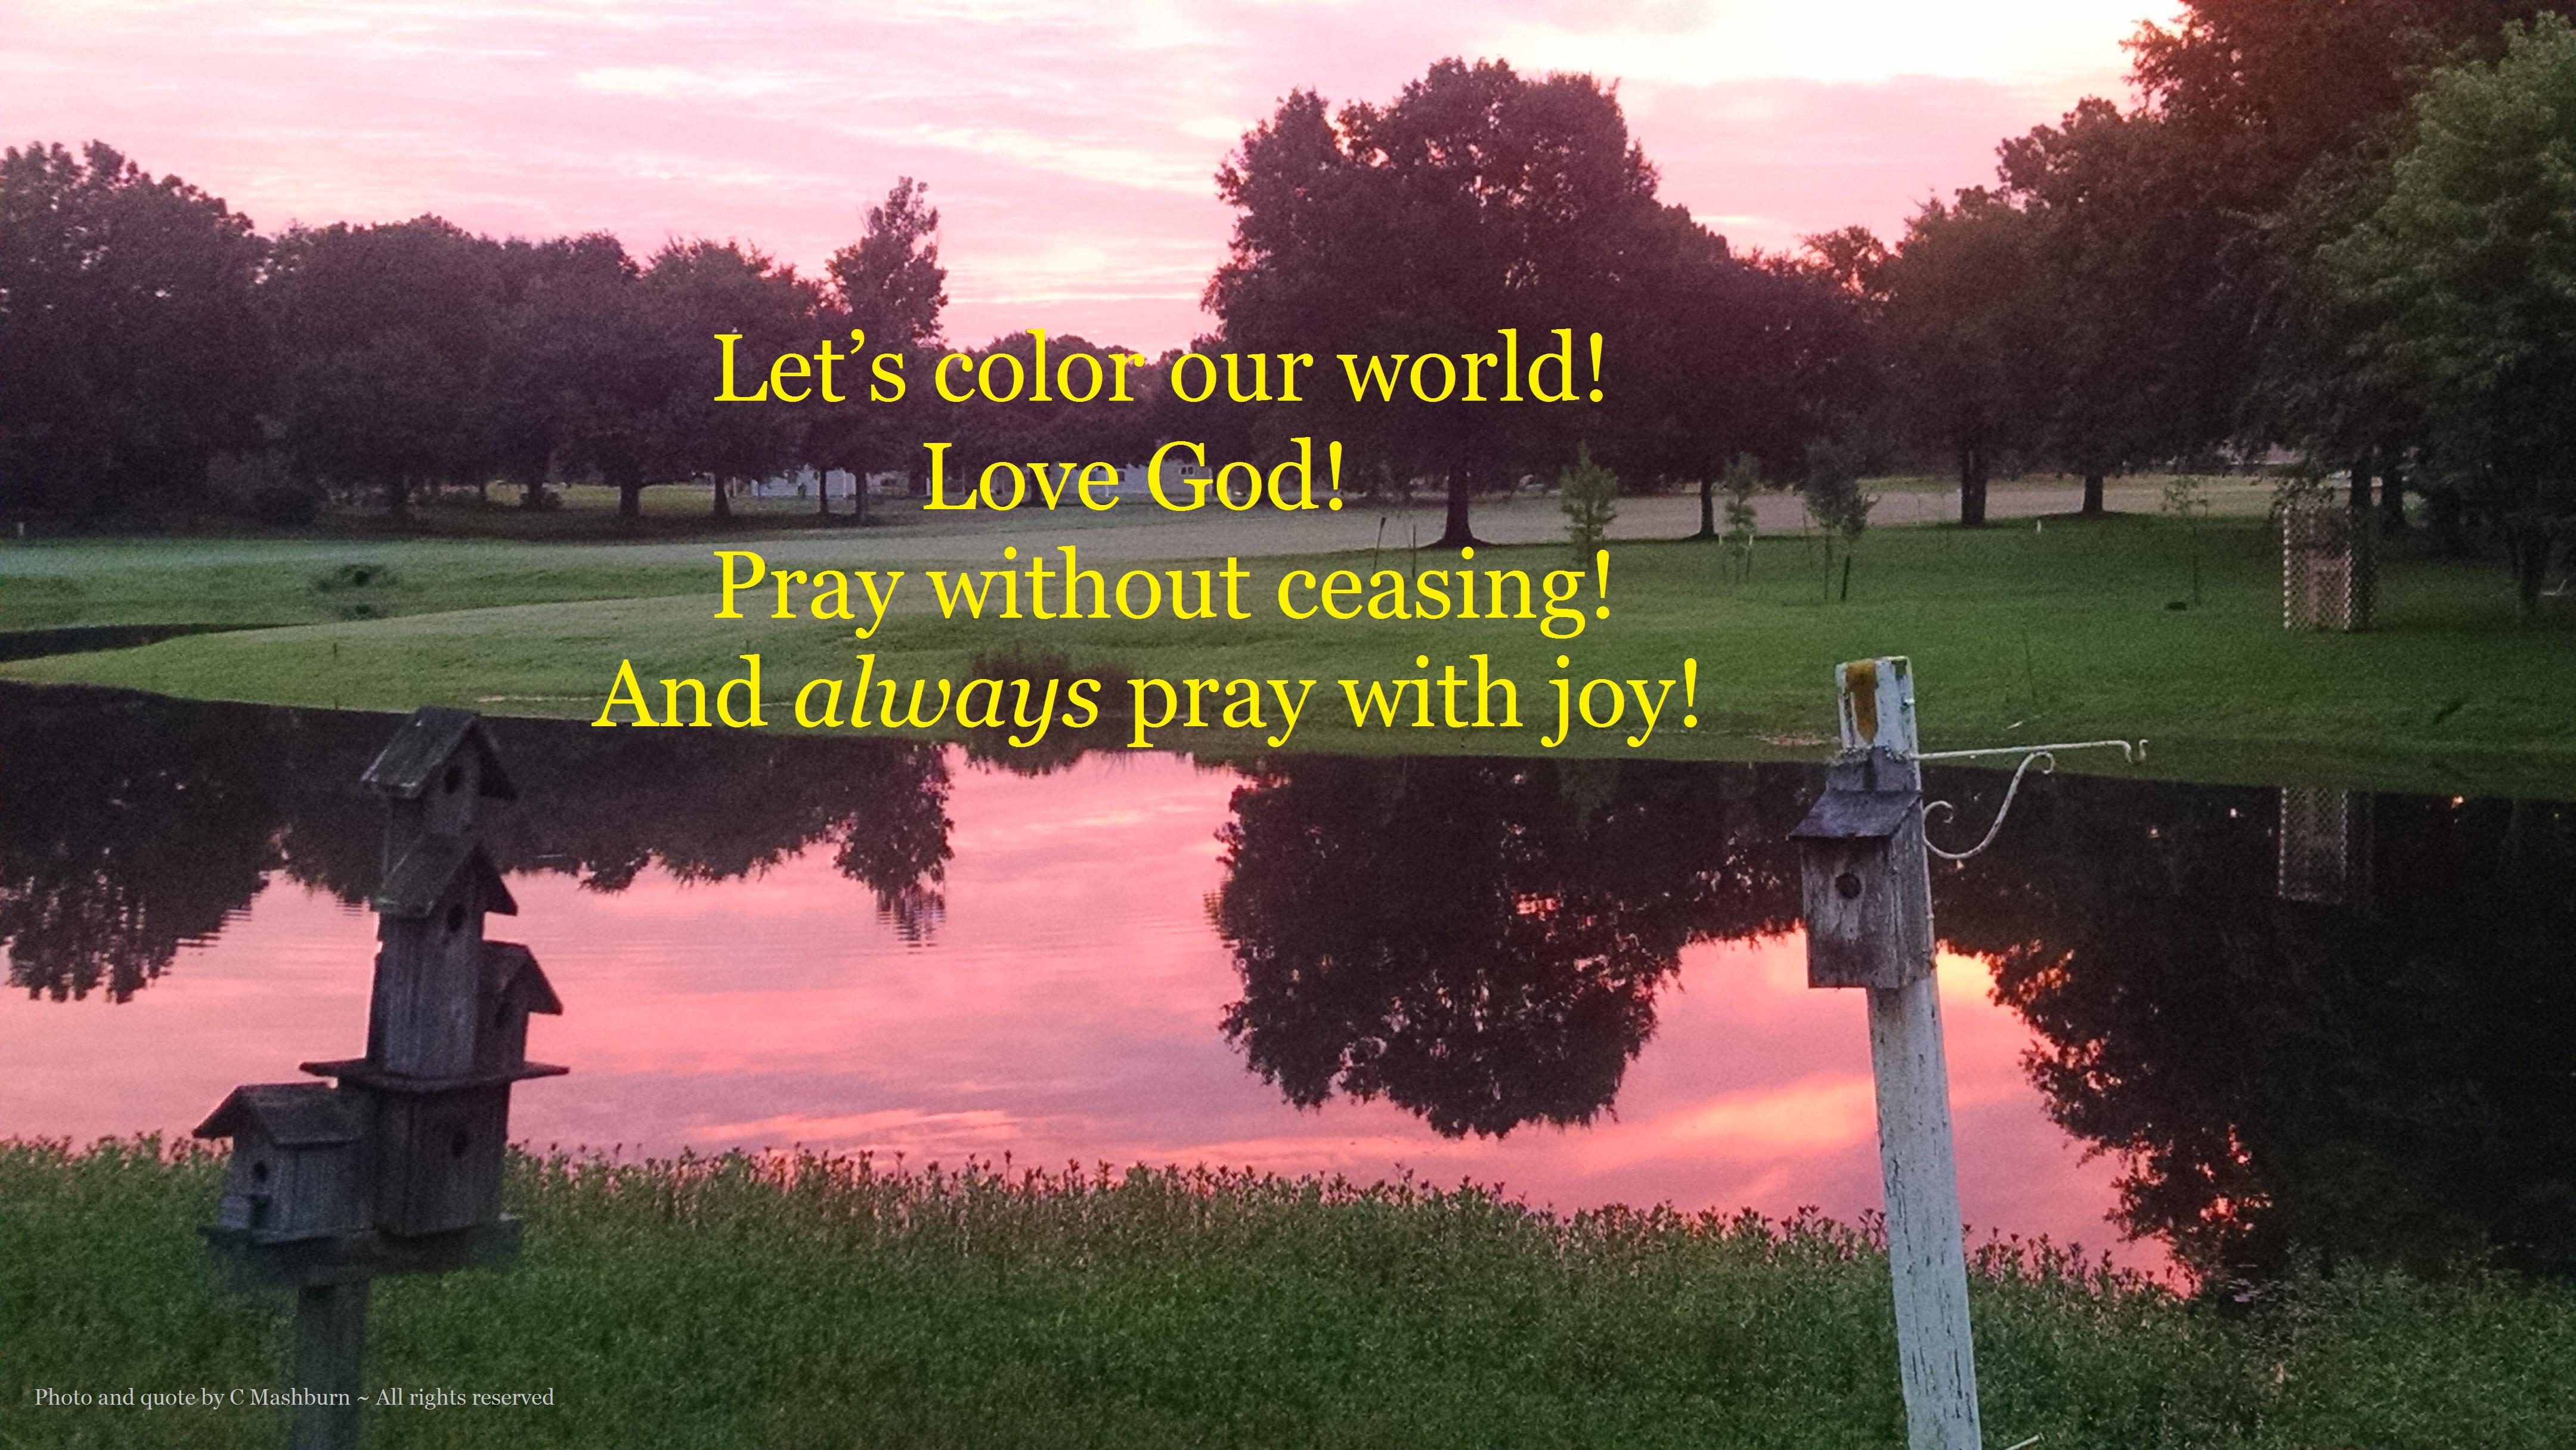 sunrise-8-27-2016-quote